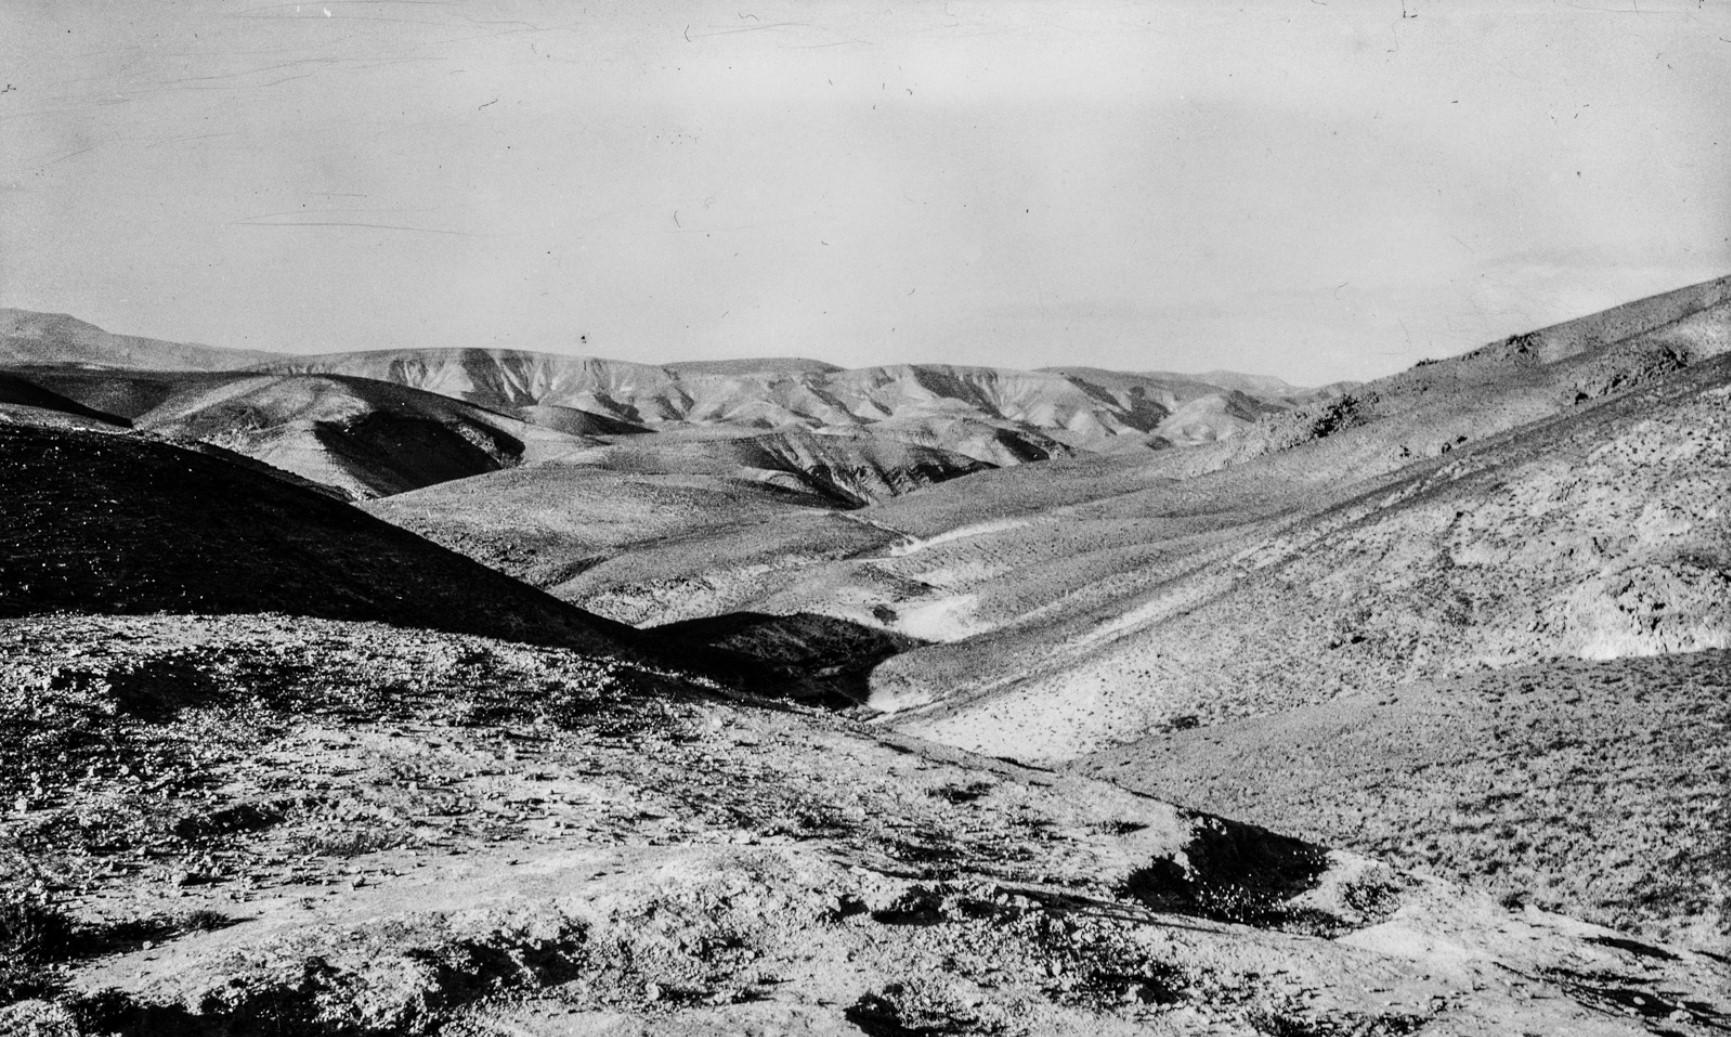 Вид Иудейской пустыни между Иерусалимом и Мертвым морем на Пасху 1929